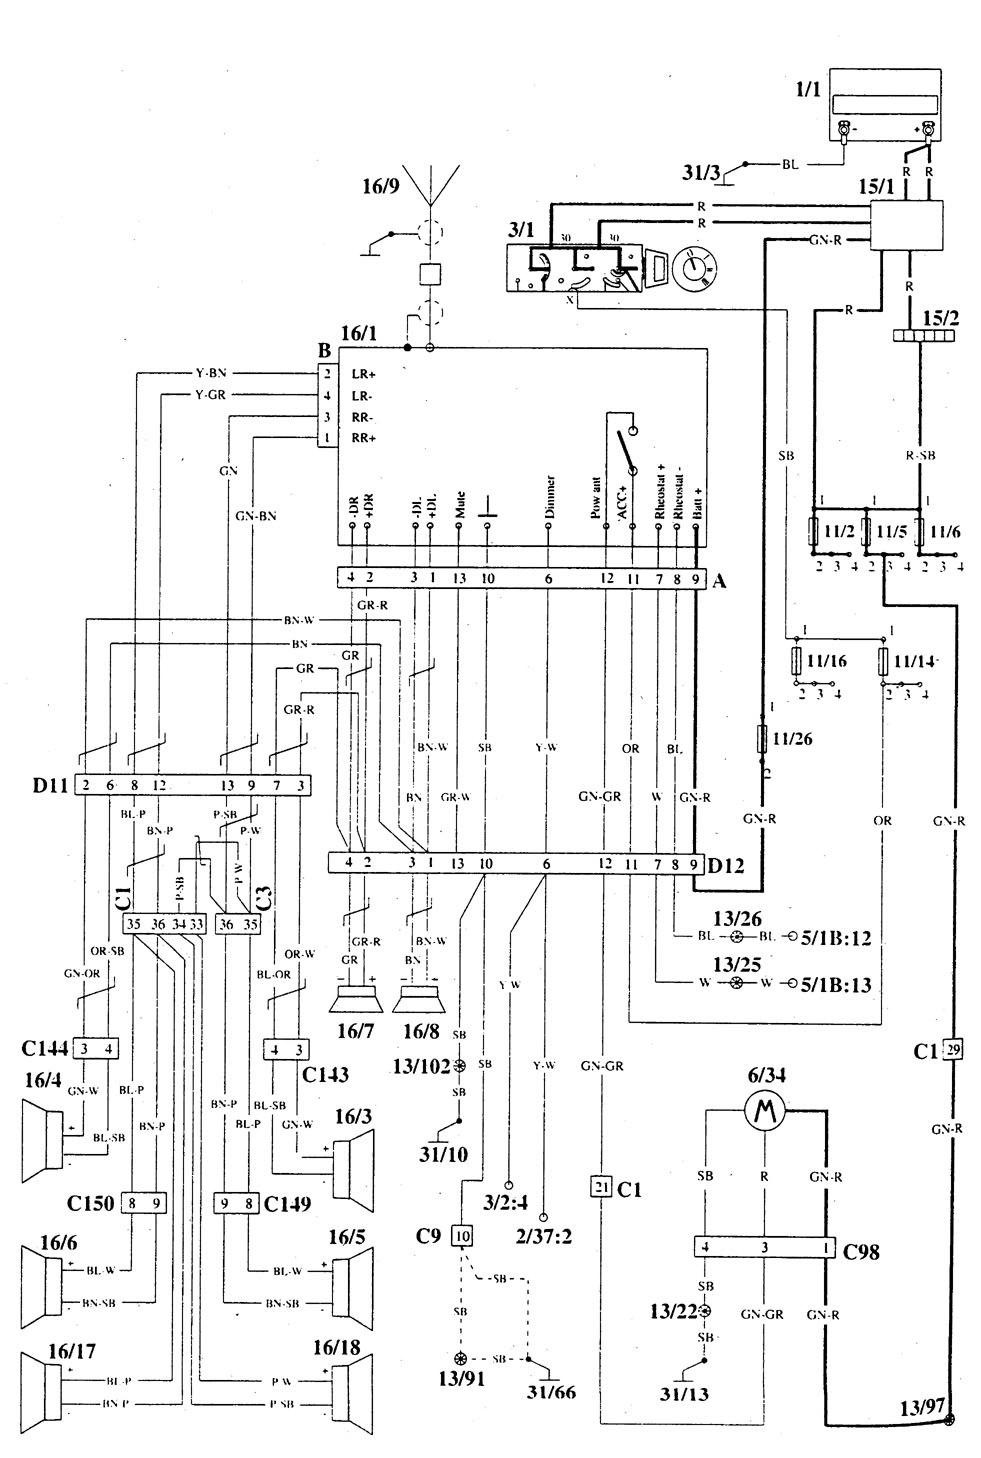 [DIAGRAM] Maruti Suzuki Celerio Wiring Diagram FULL